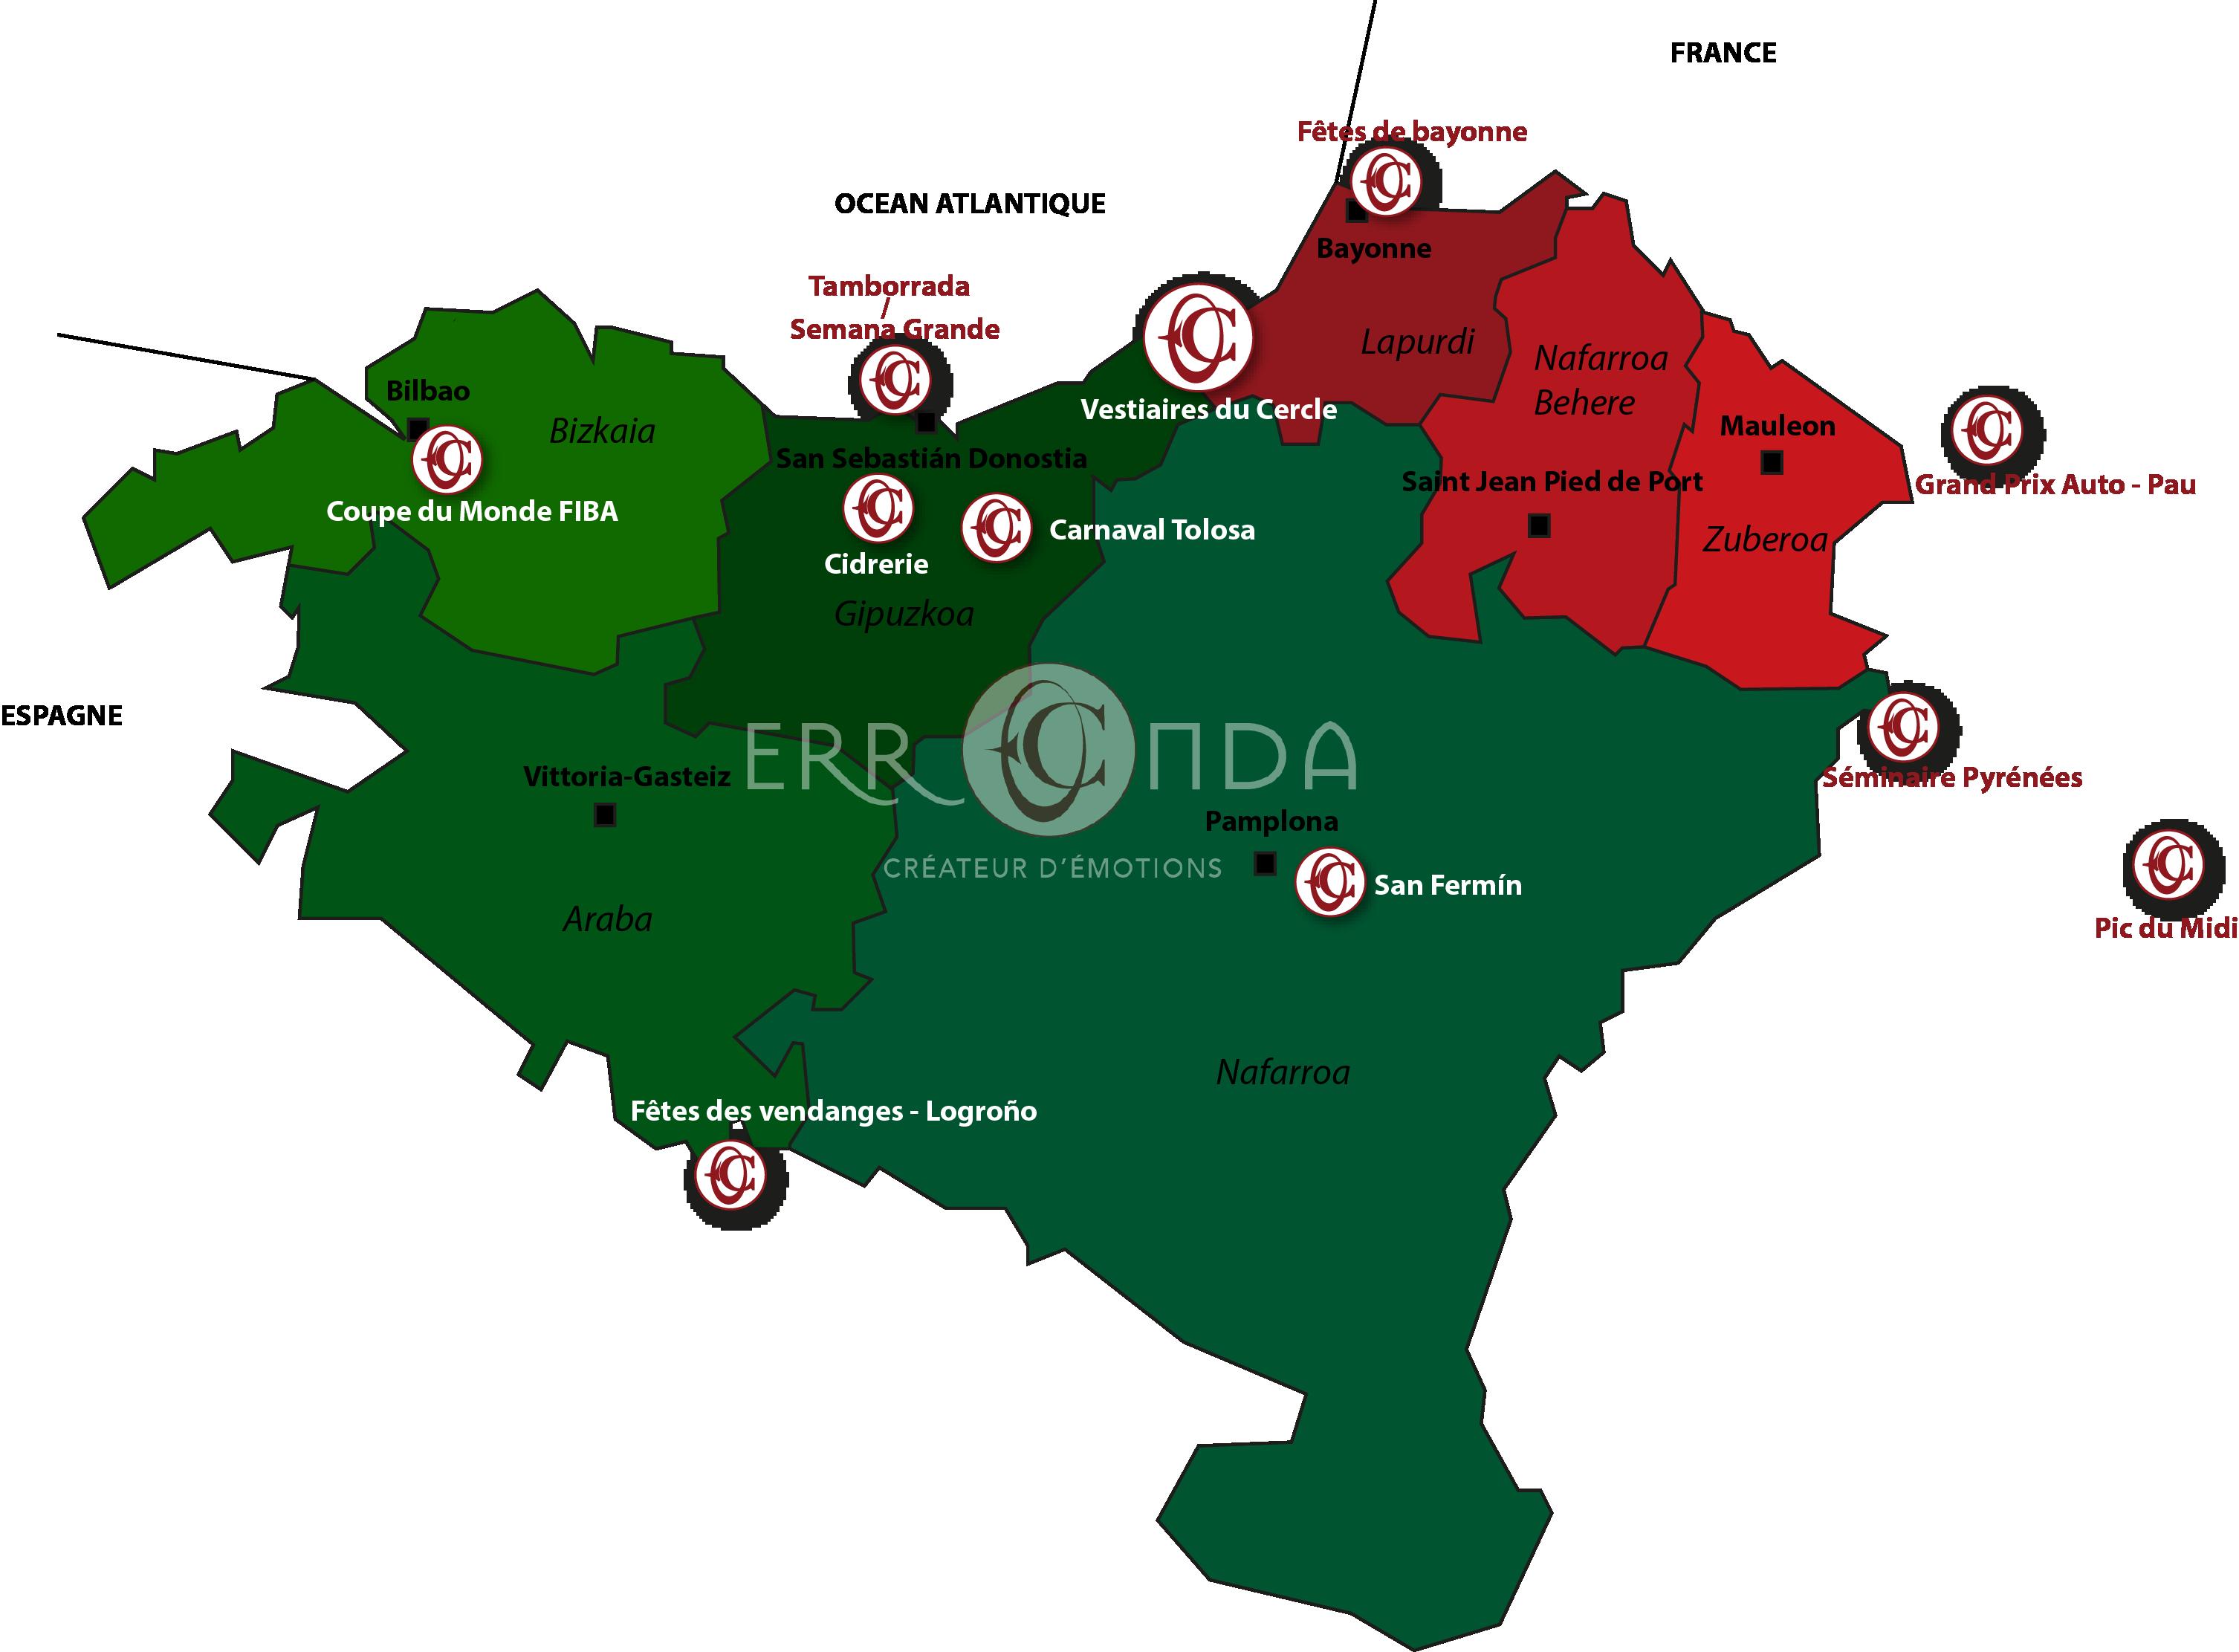 seminaire-pays-basque-evenement-pays-basque-carte pays basque site catalogue